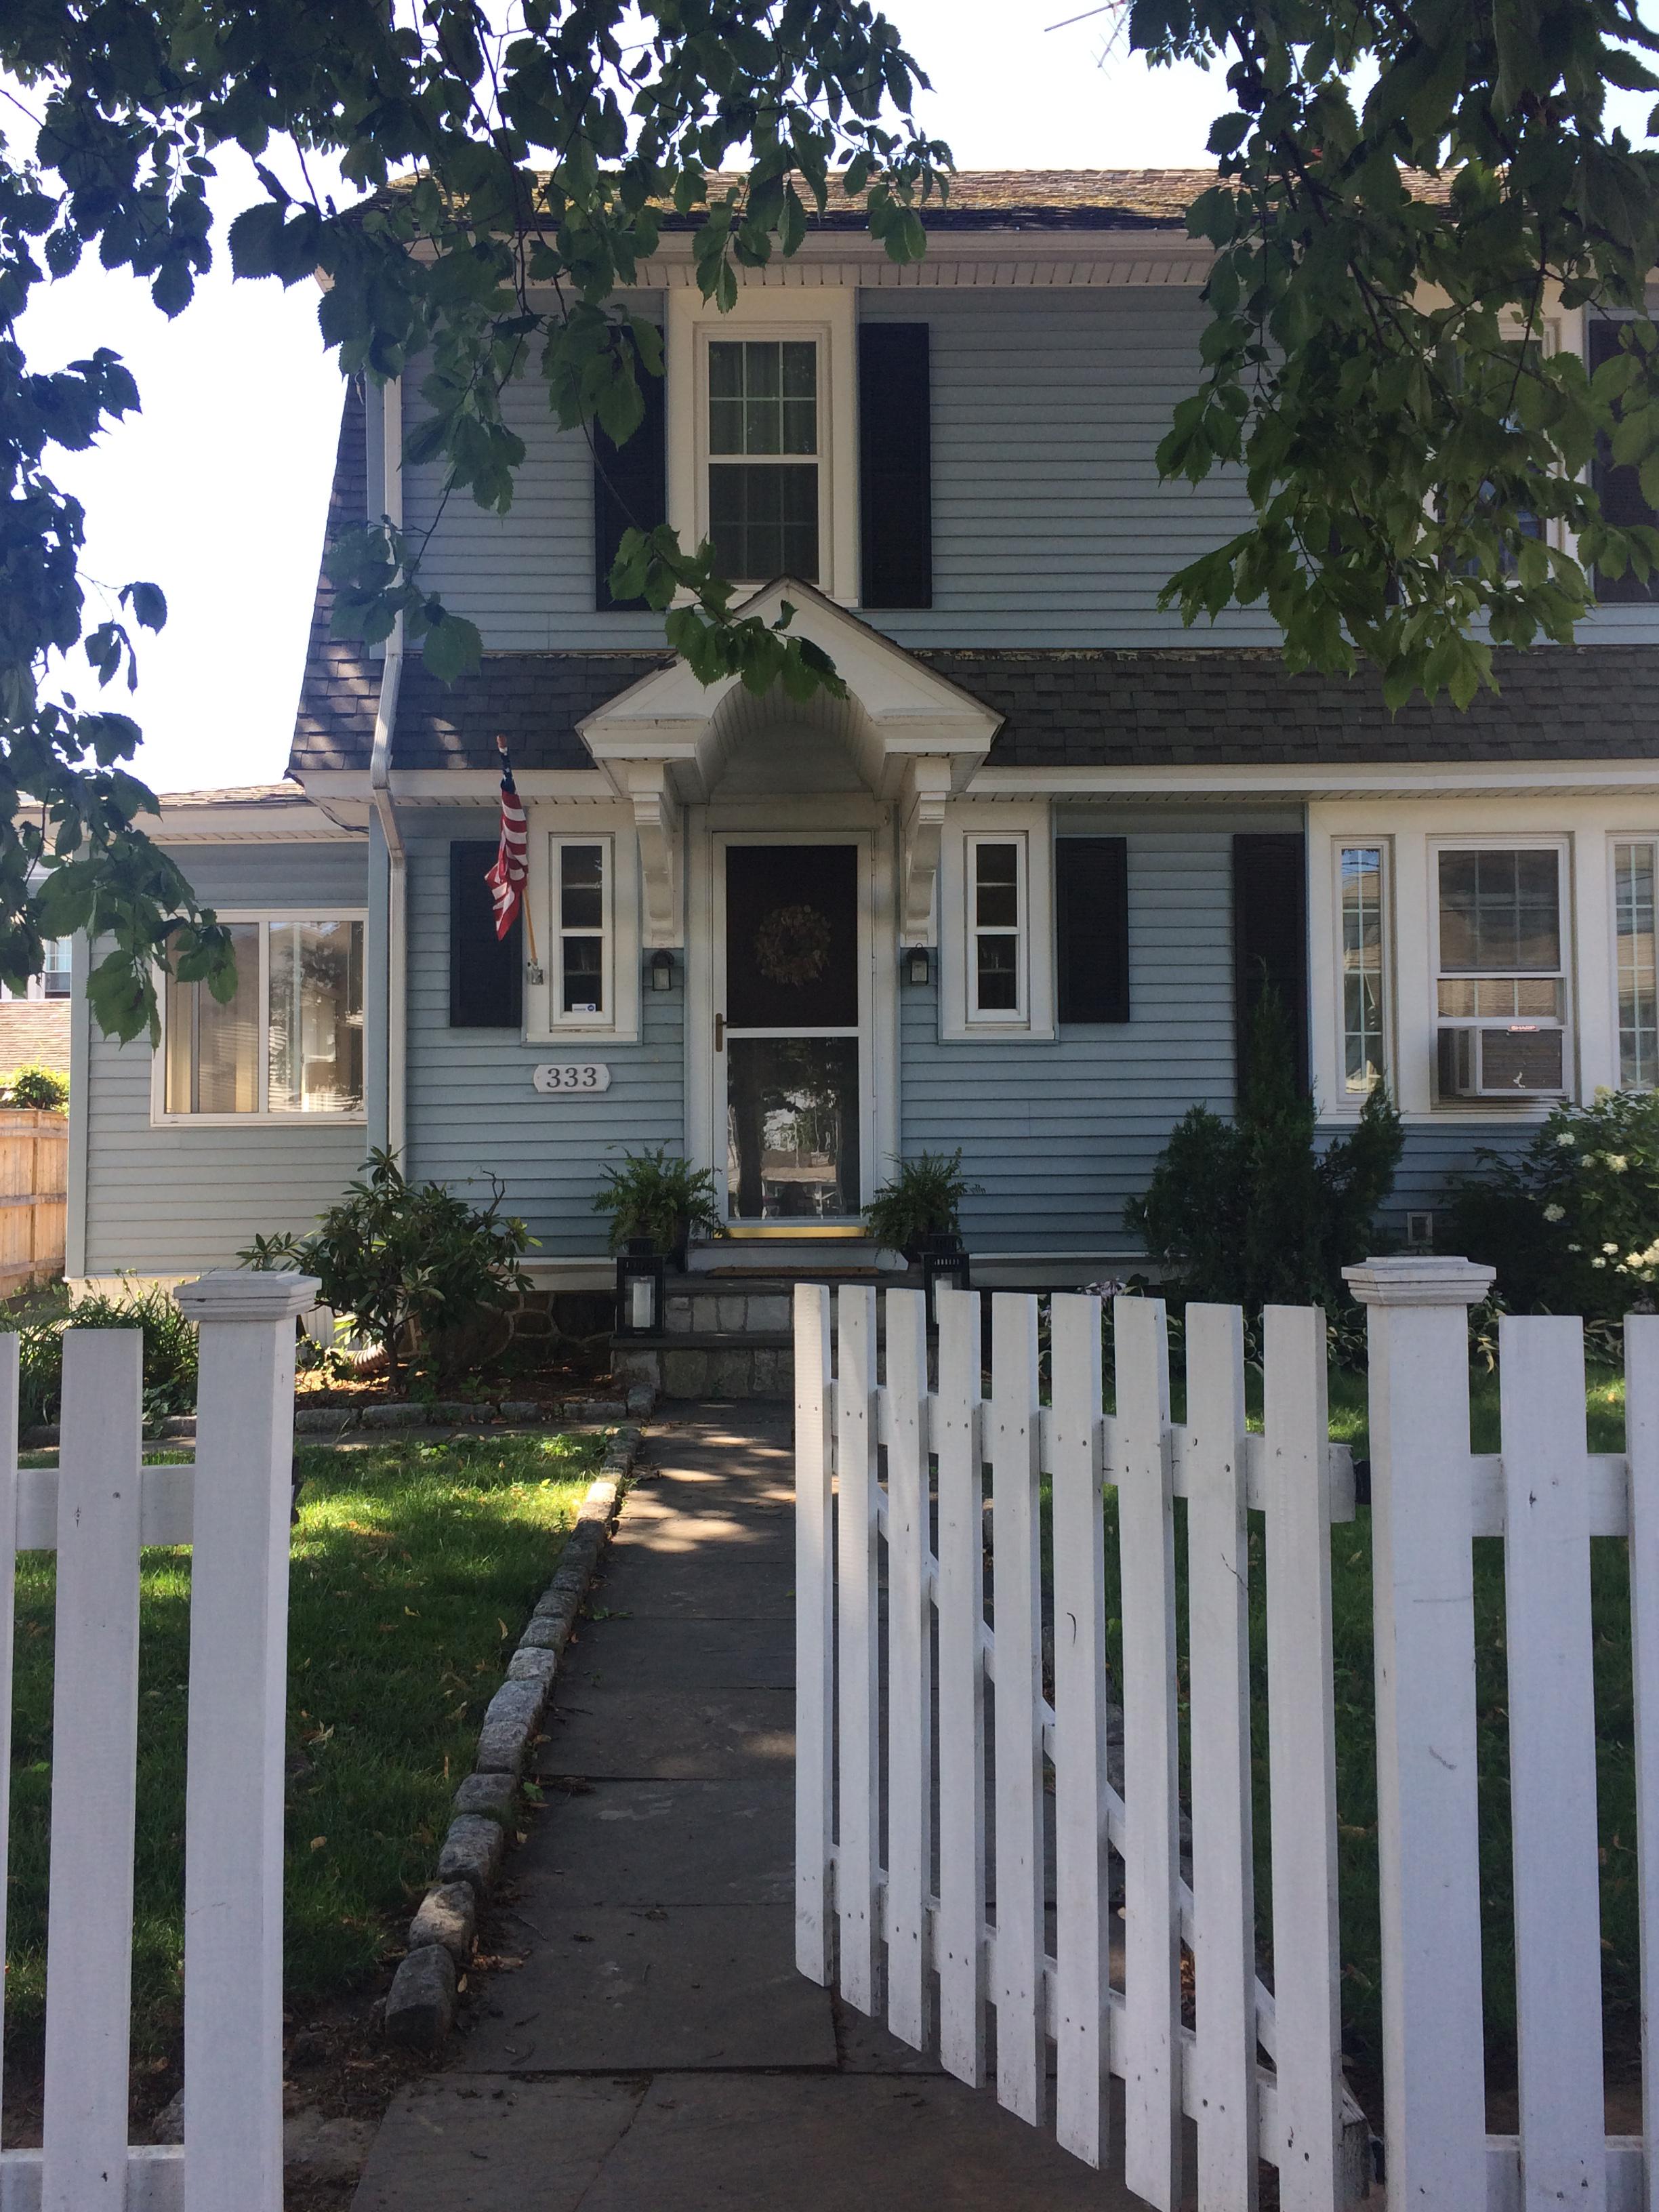 独户住宅 为 销售 在 Black Rock on the Sound 333 Grovers Avenue 布里奇波特, 康涅狄格州, 06605 美国